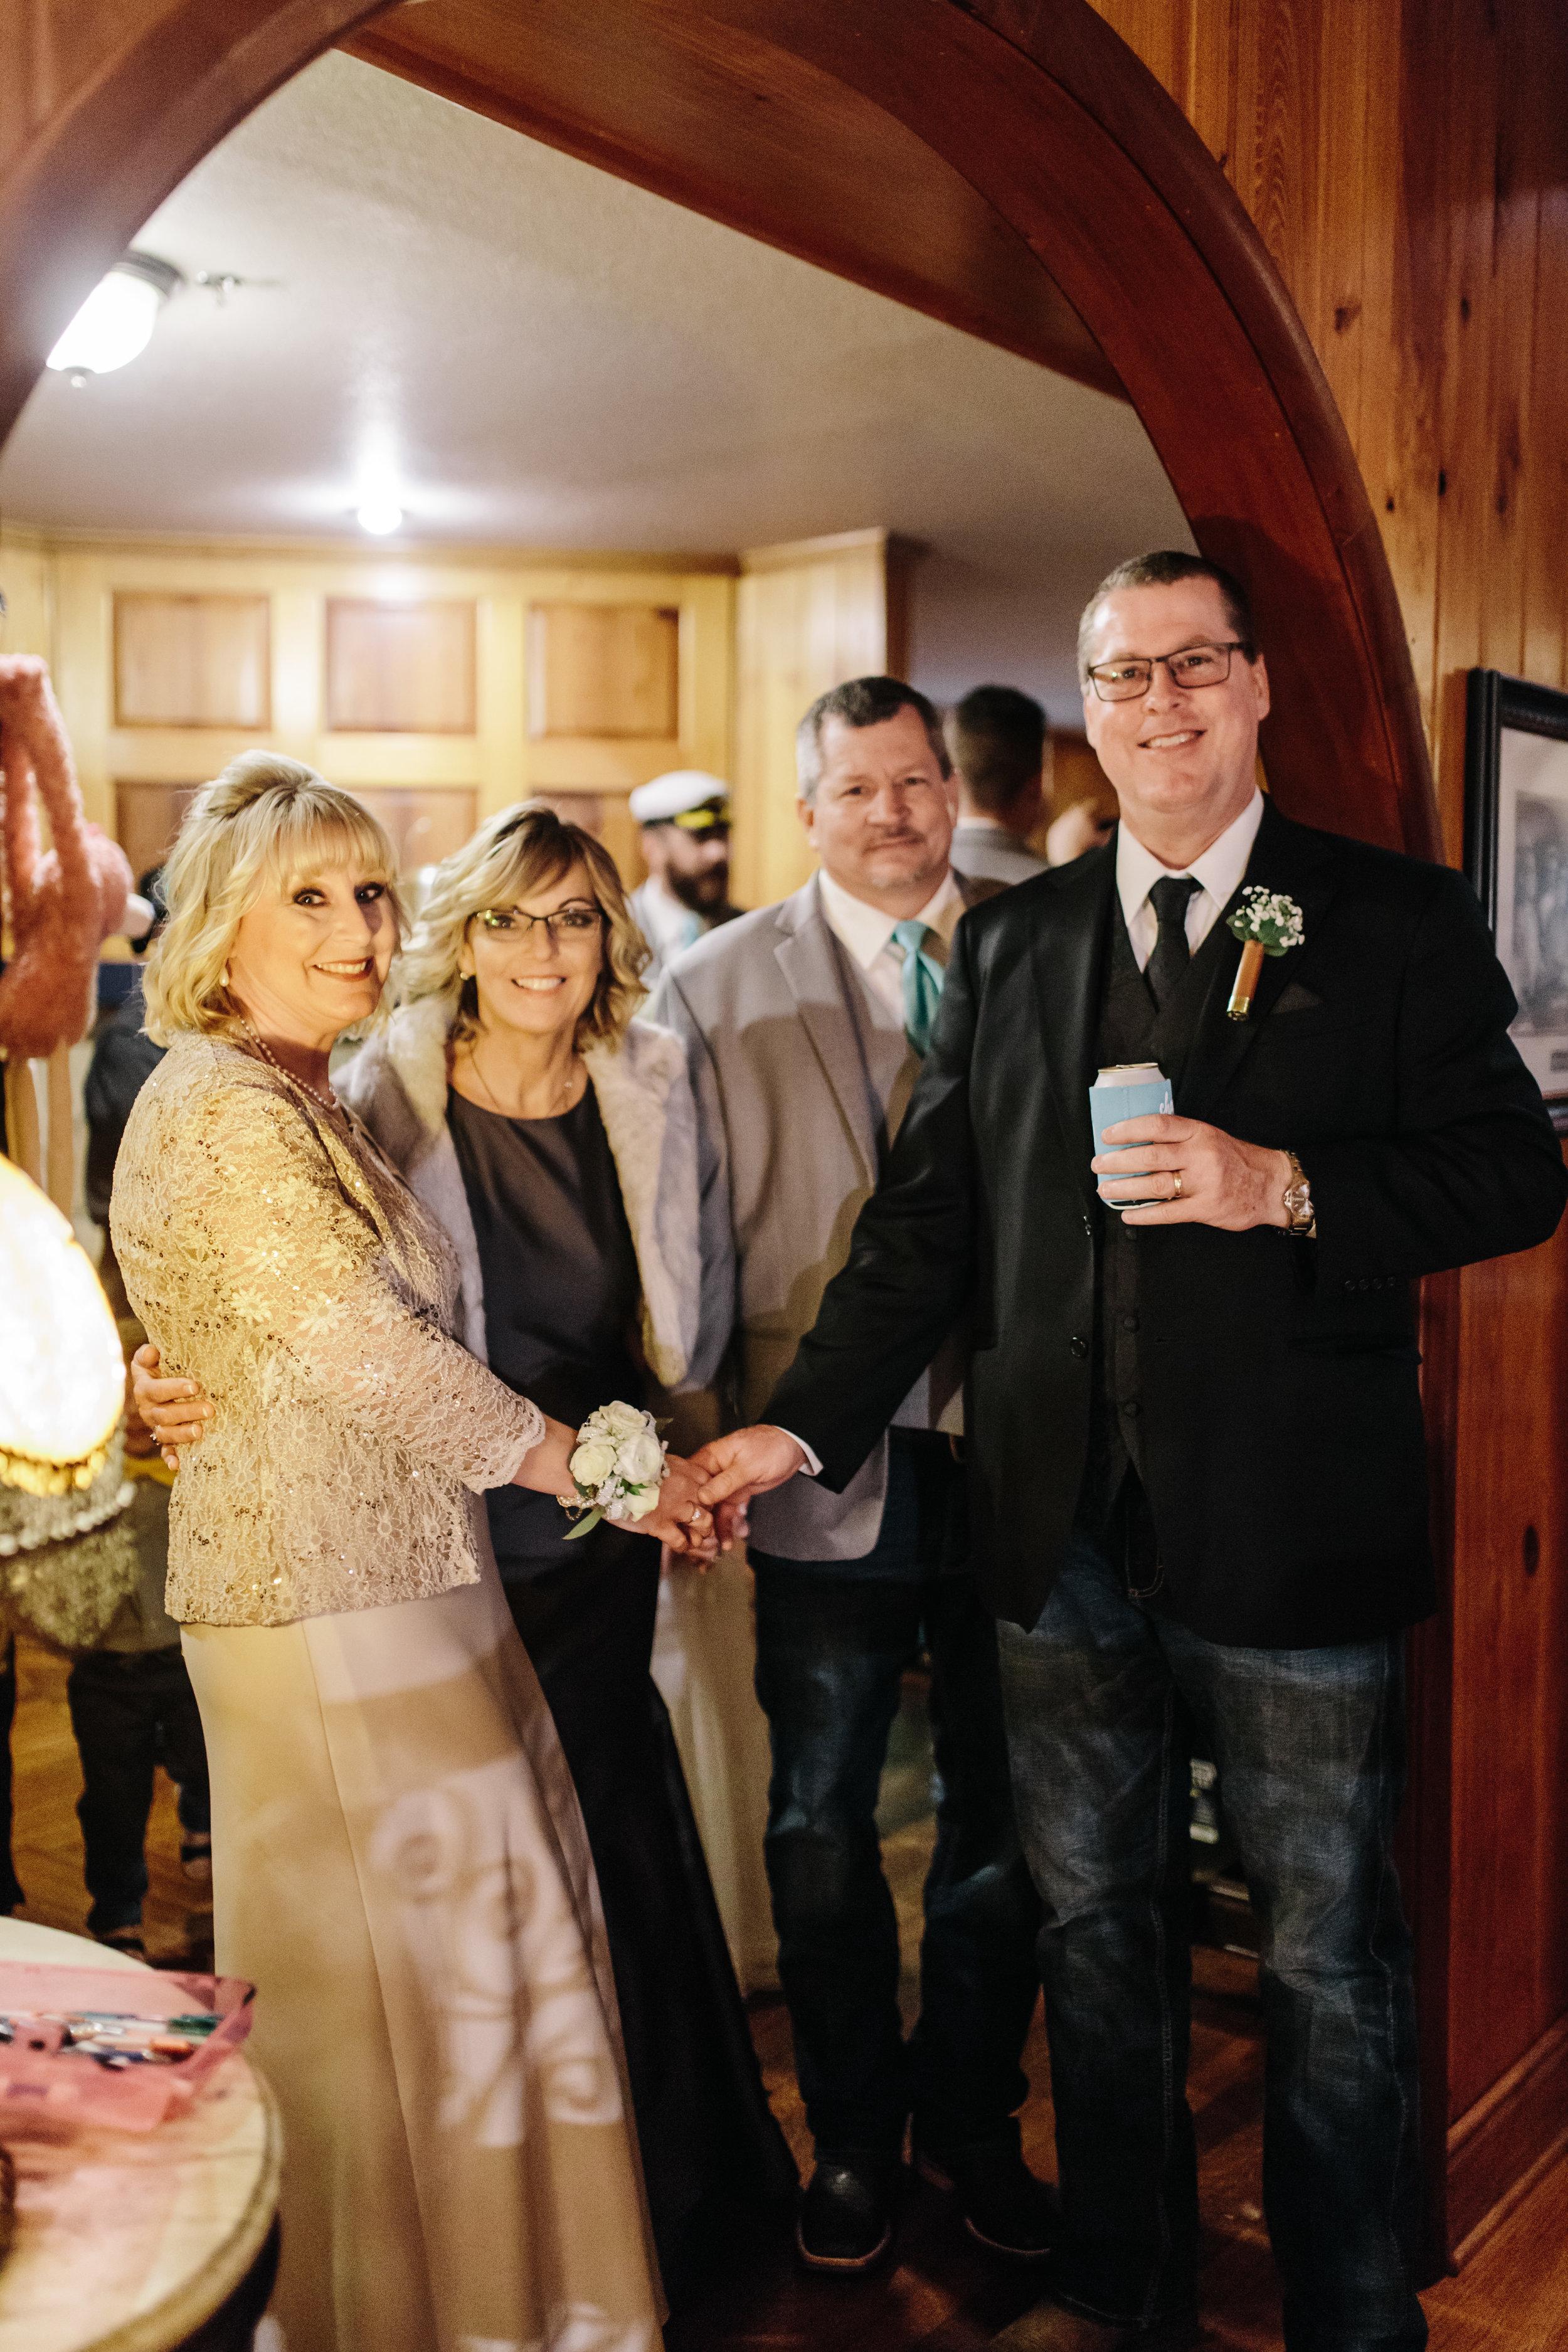 2018.02.10 Mariah and Ryan Baker Estate on Halifax Wedding (783 of 1218).jpg